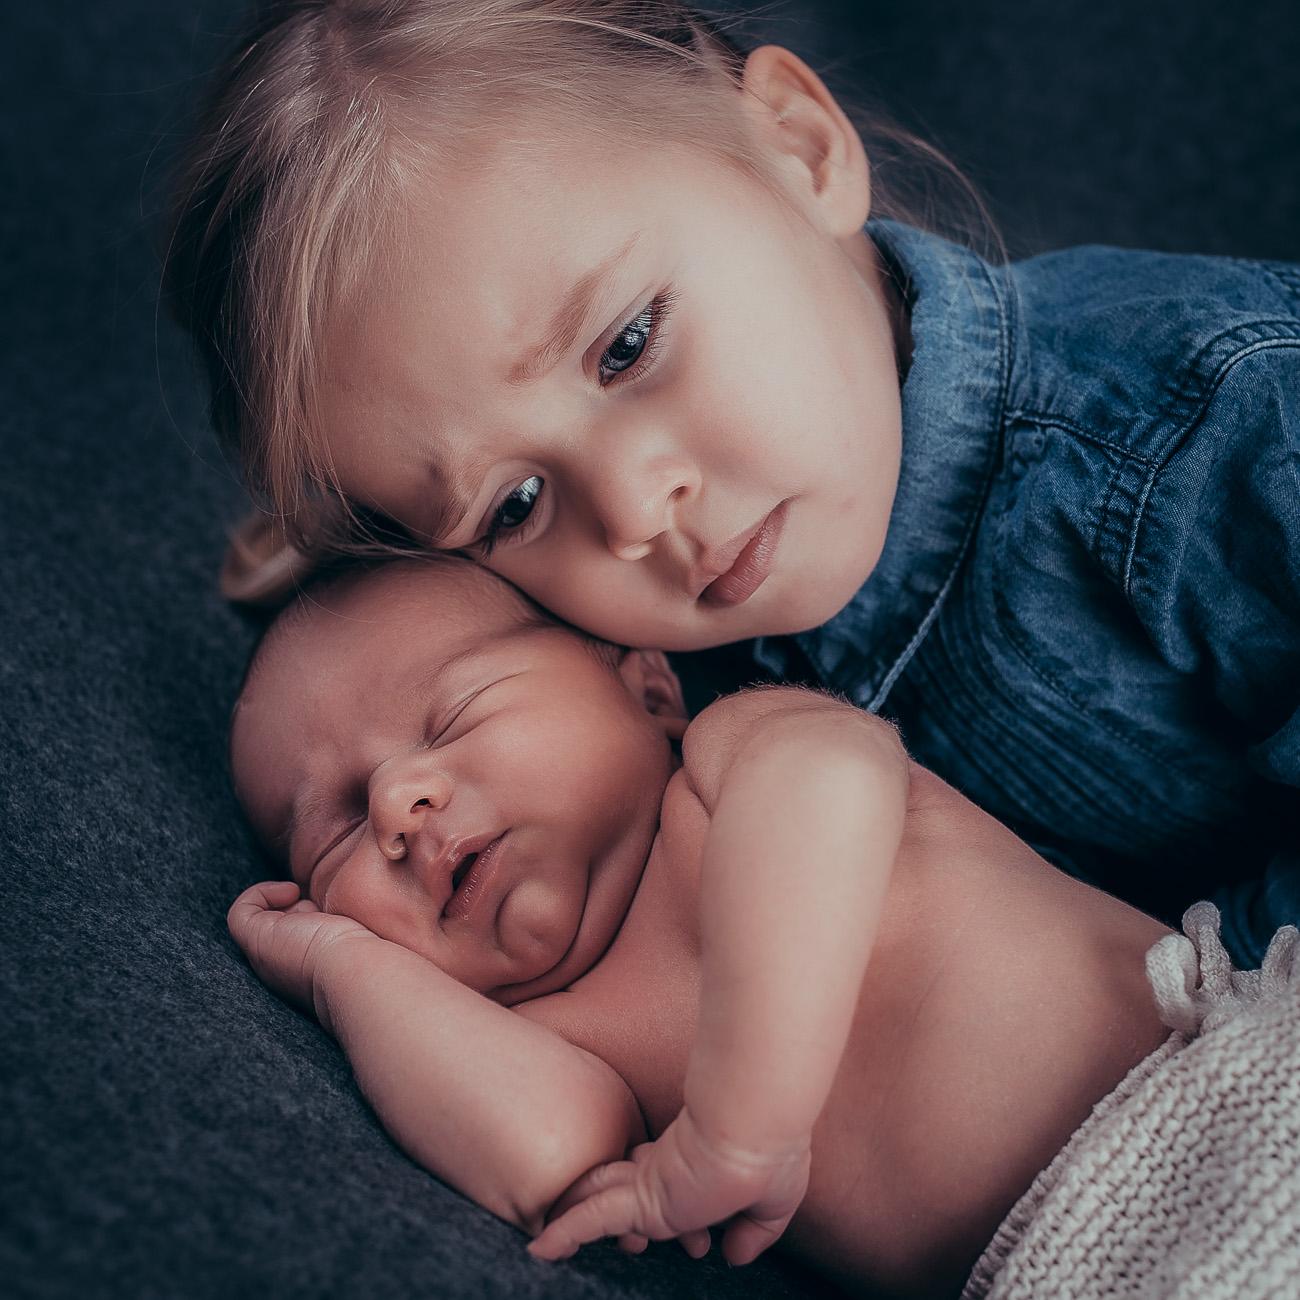 Traumkind Fotos Babyfotografie Essen 16 - Babyfotos